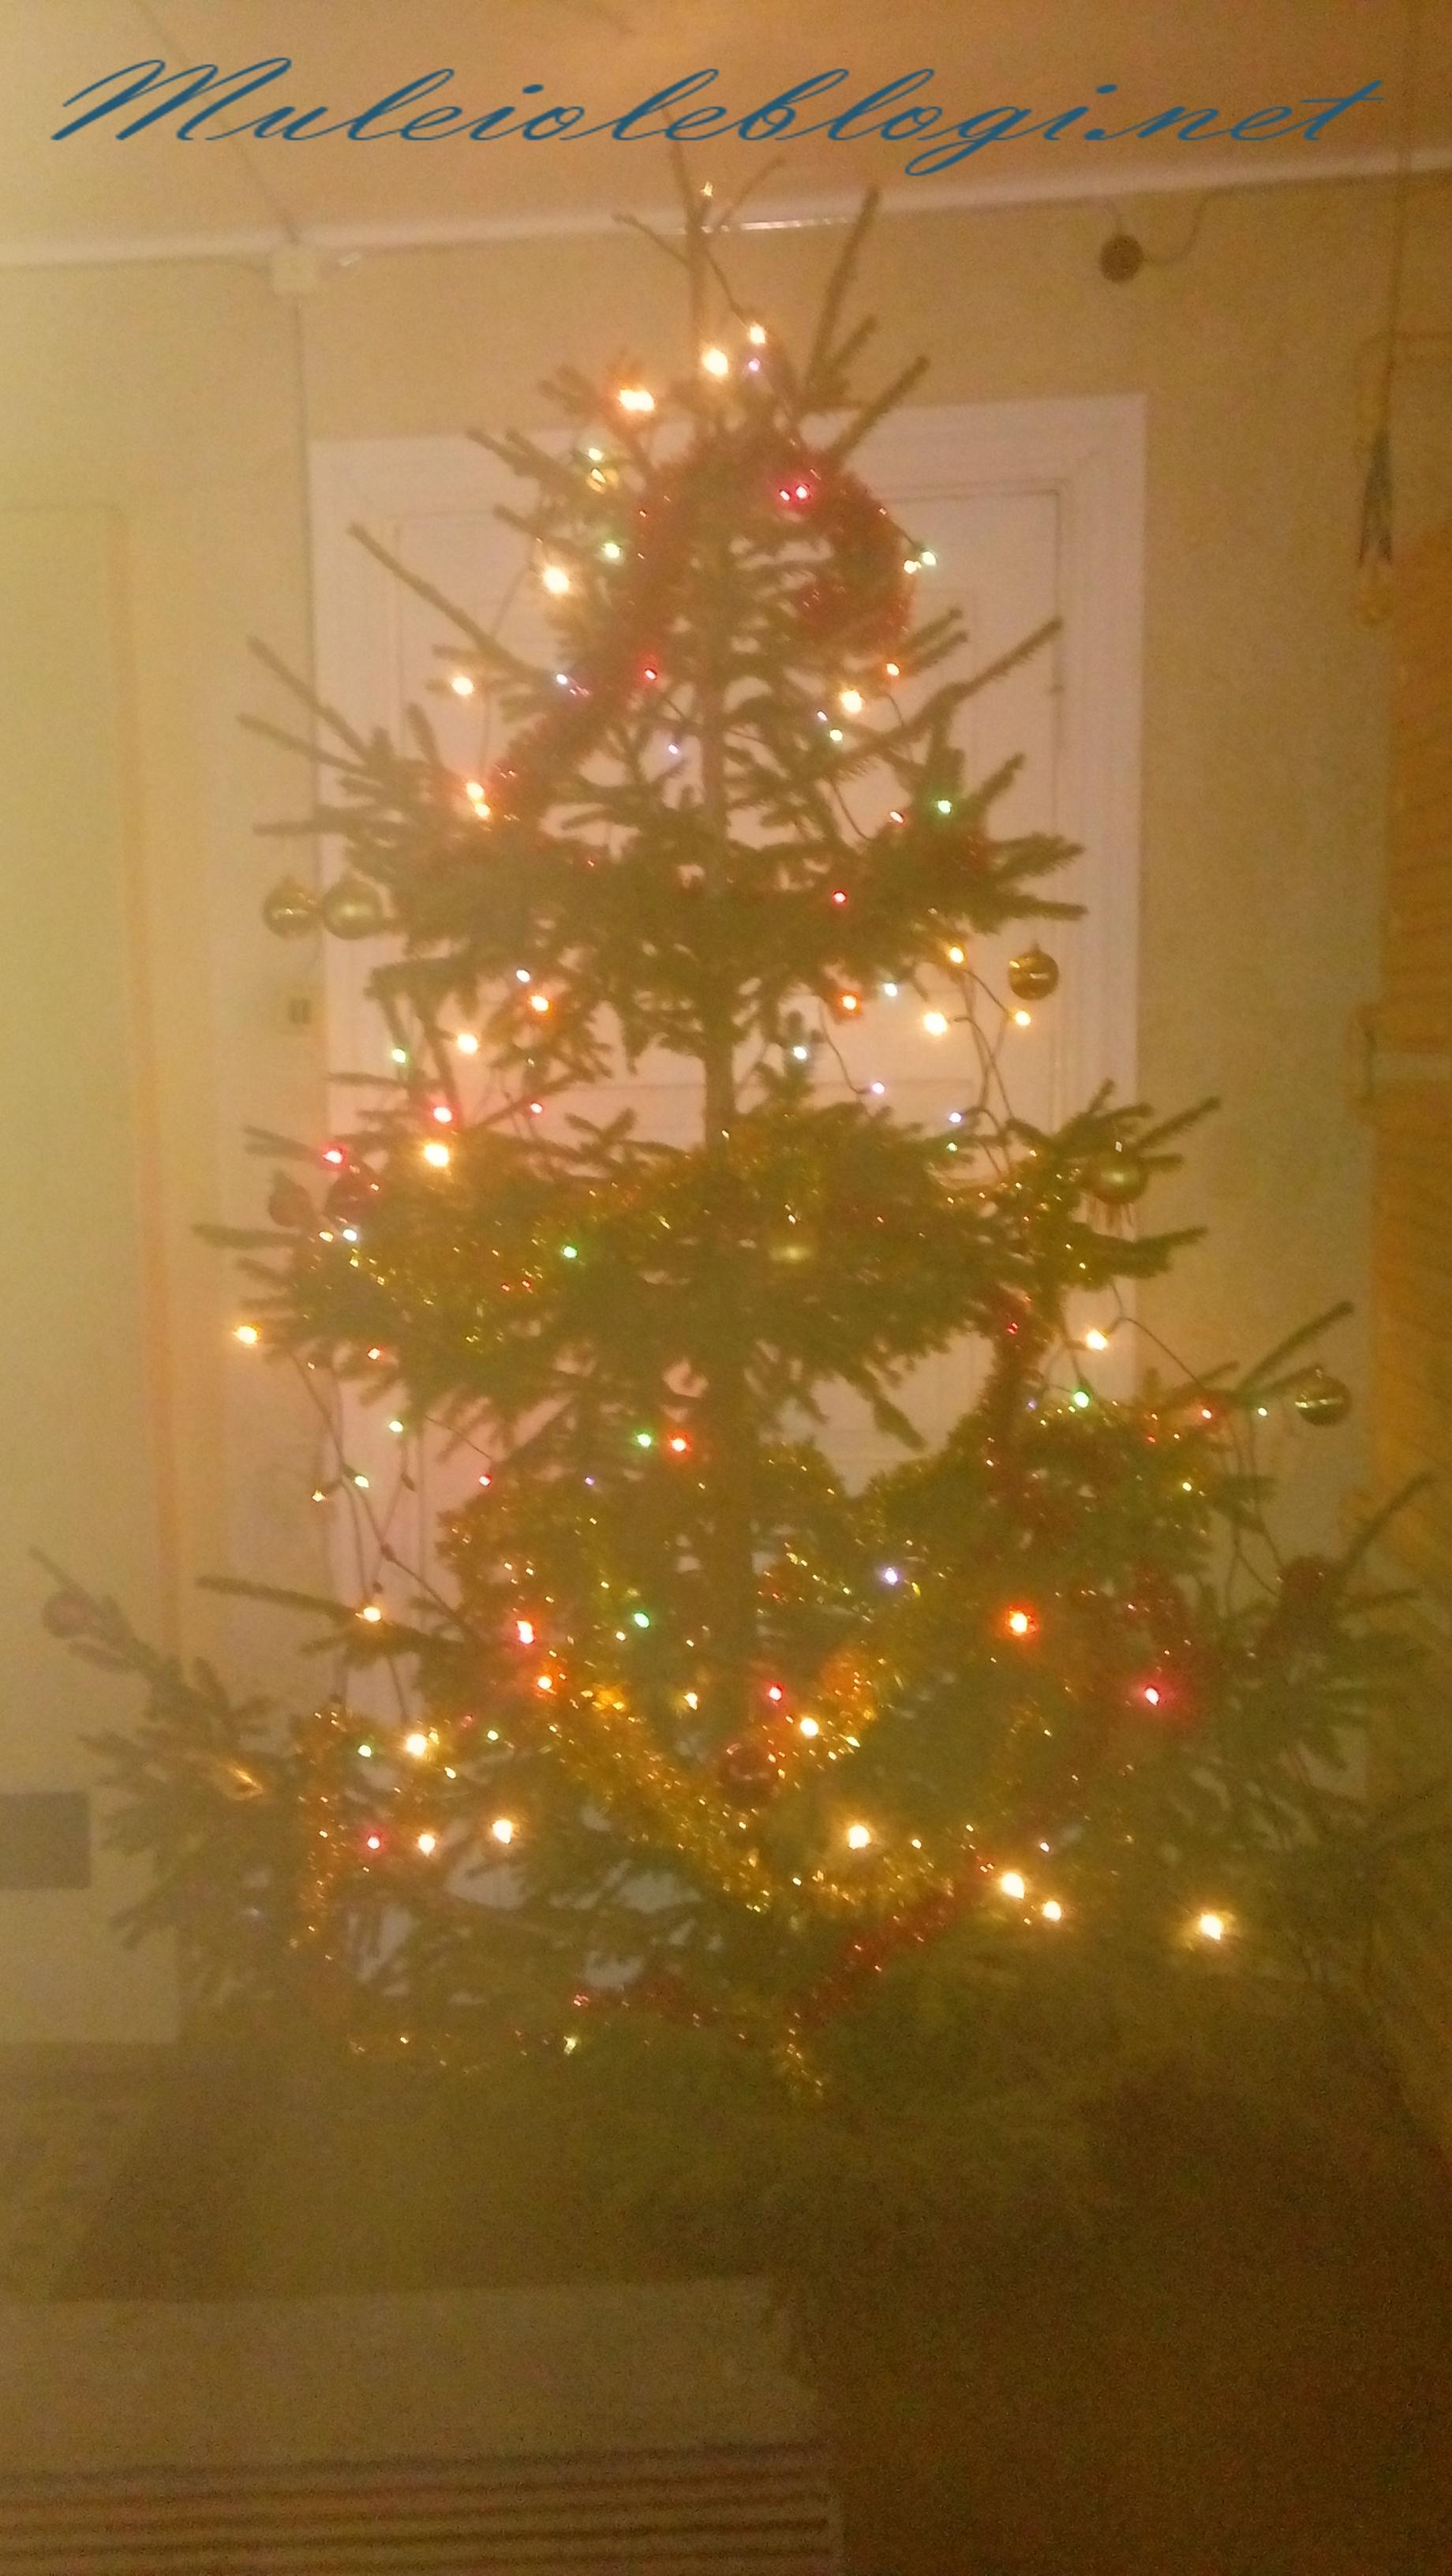 Oh kuusepuu, oh kuusepuu…